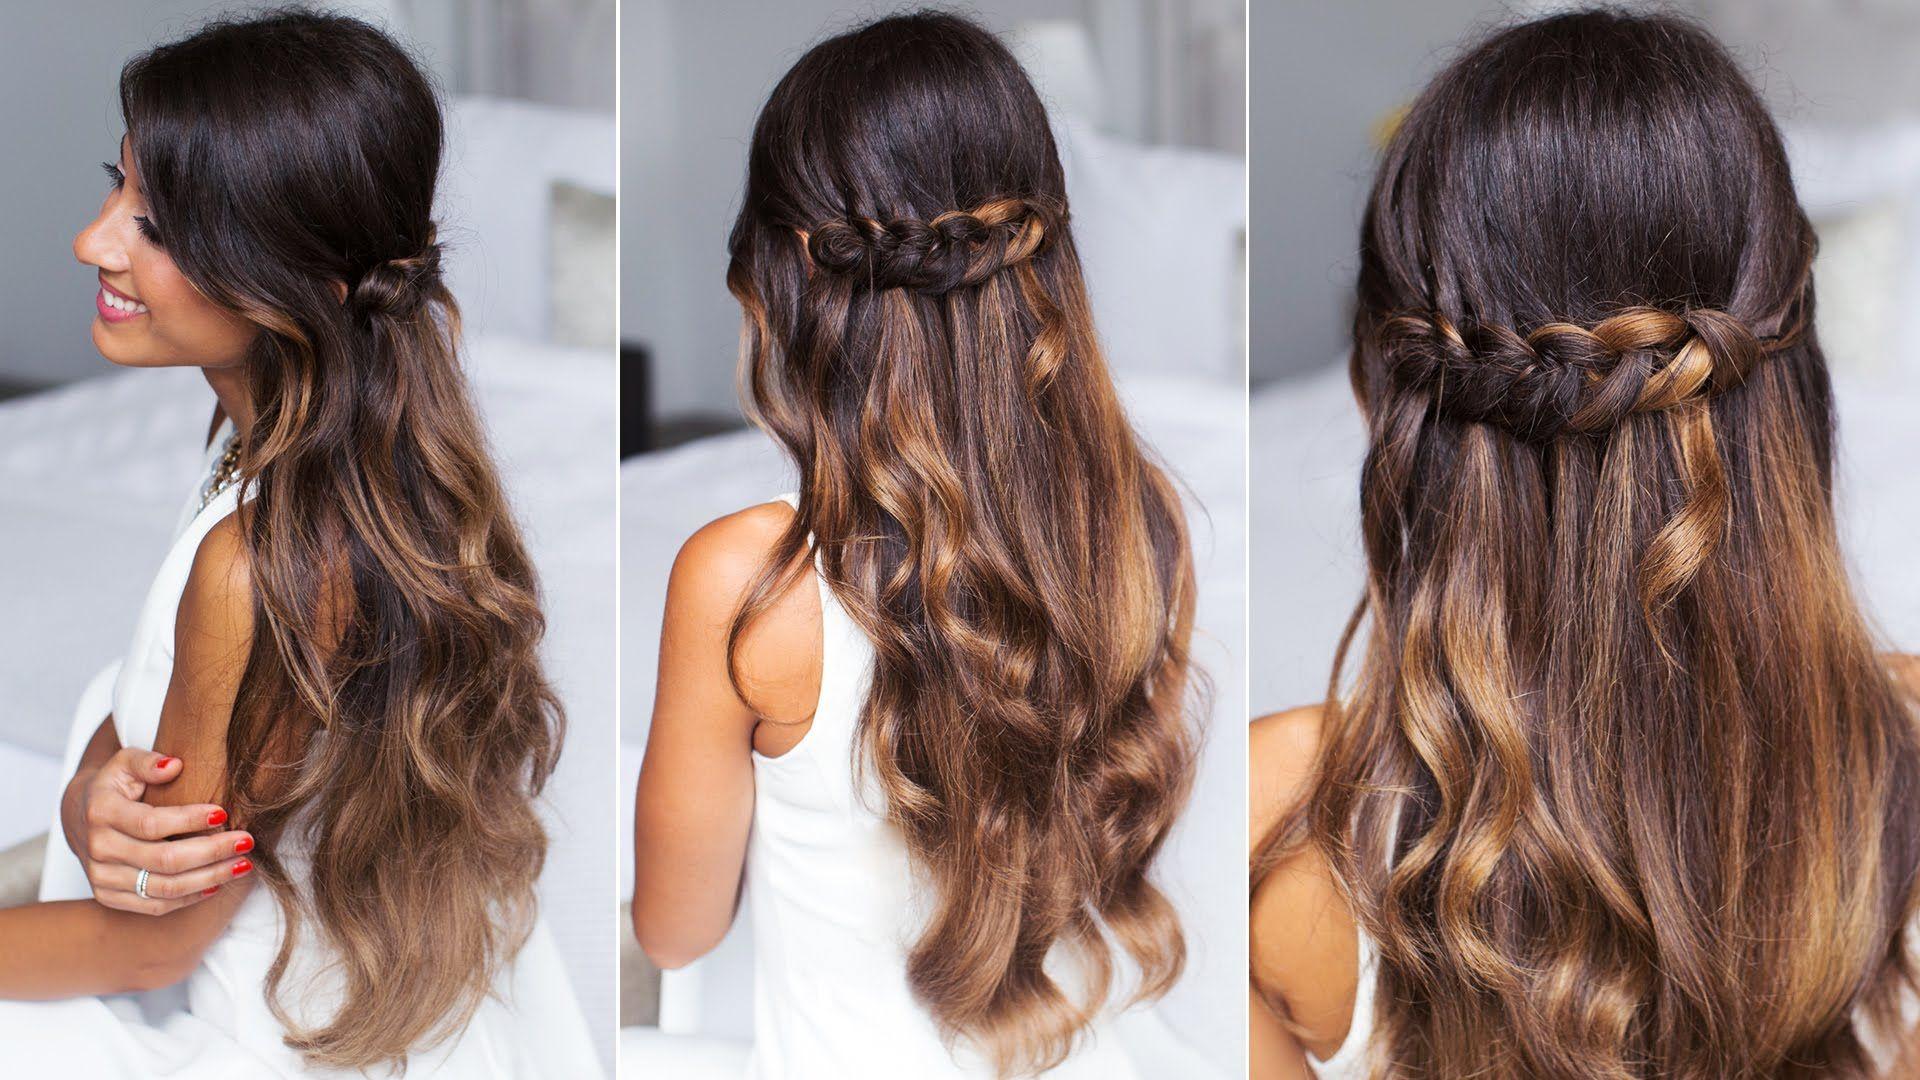 Cute And Easy Hairstyles Cute & Easy Loop Waterfall Braidluxyhair Youtube Channel  Hair